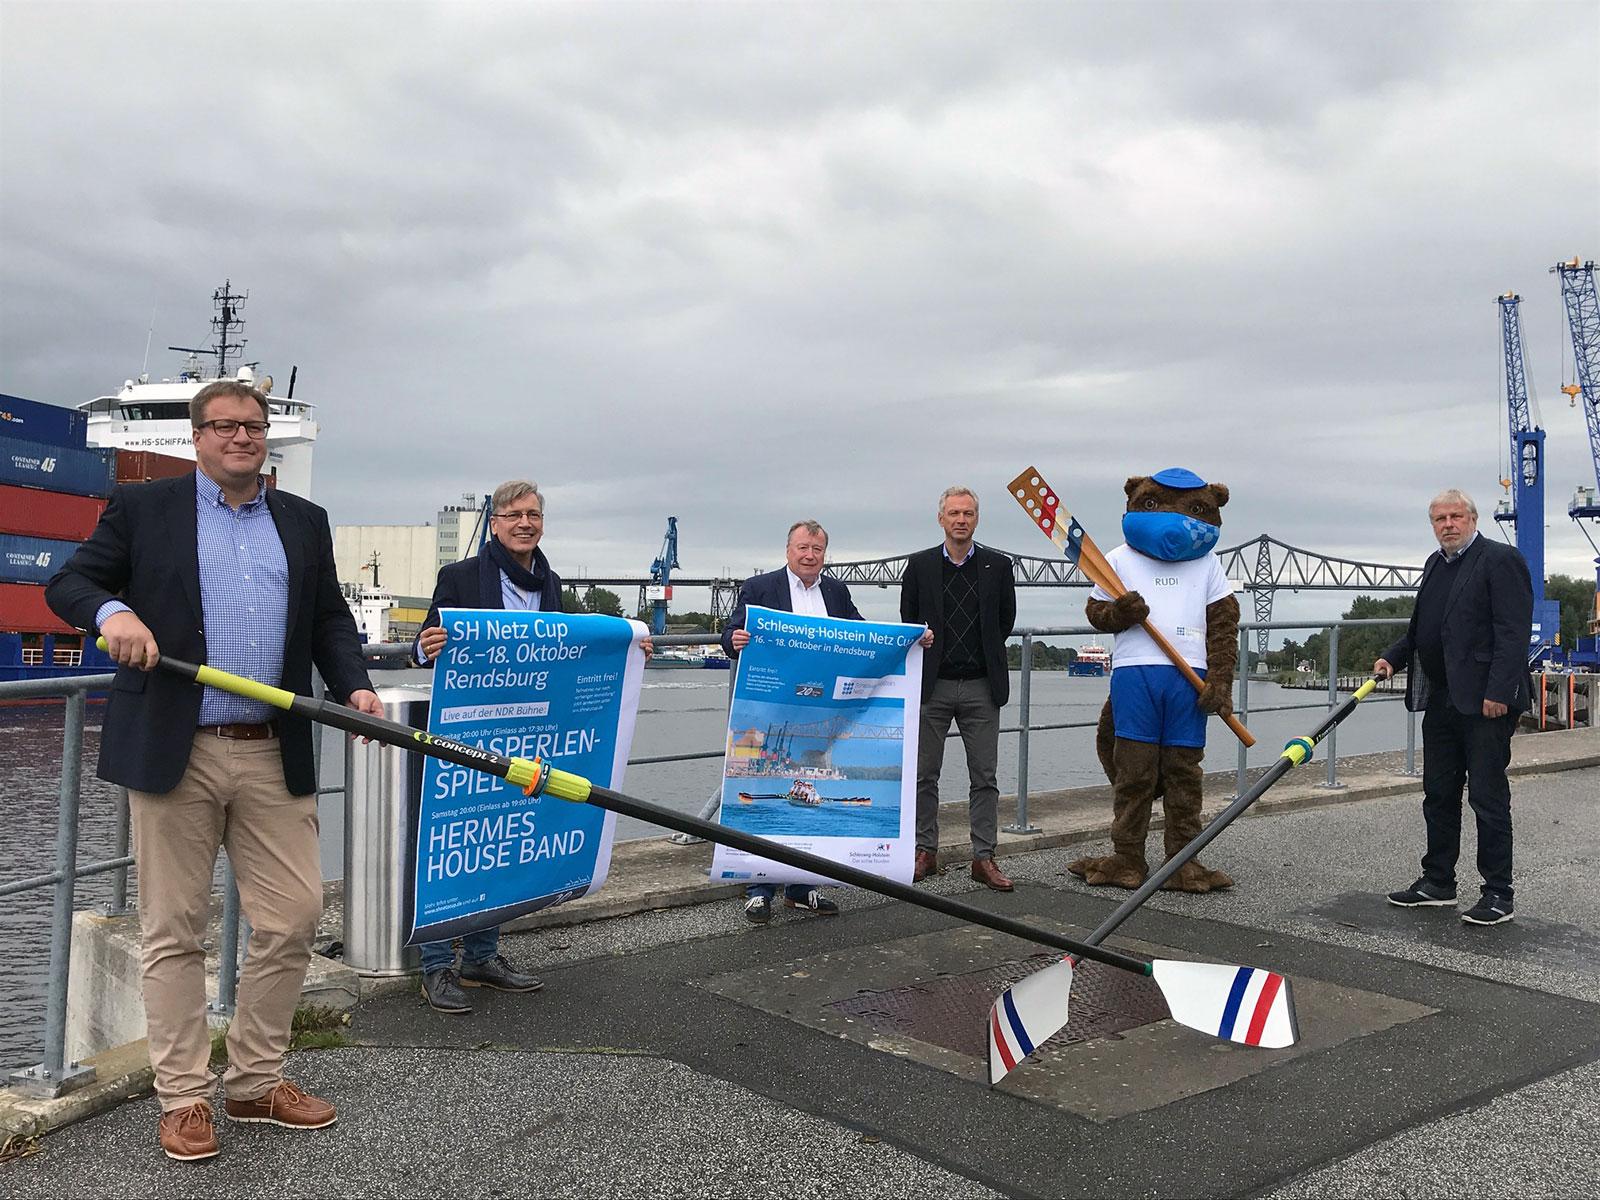 20. Schleswig-Holstein Netz Cup mit Ruderrennen, Drachenbootwettbewerben und Konzerten